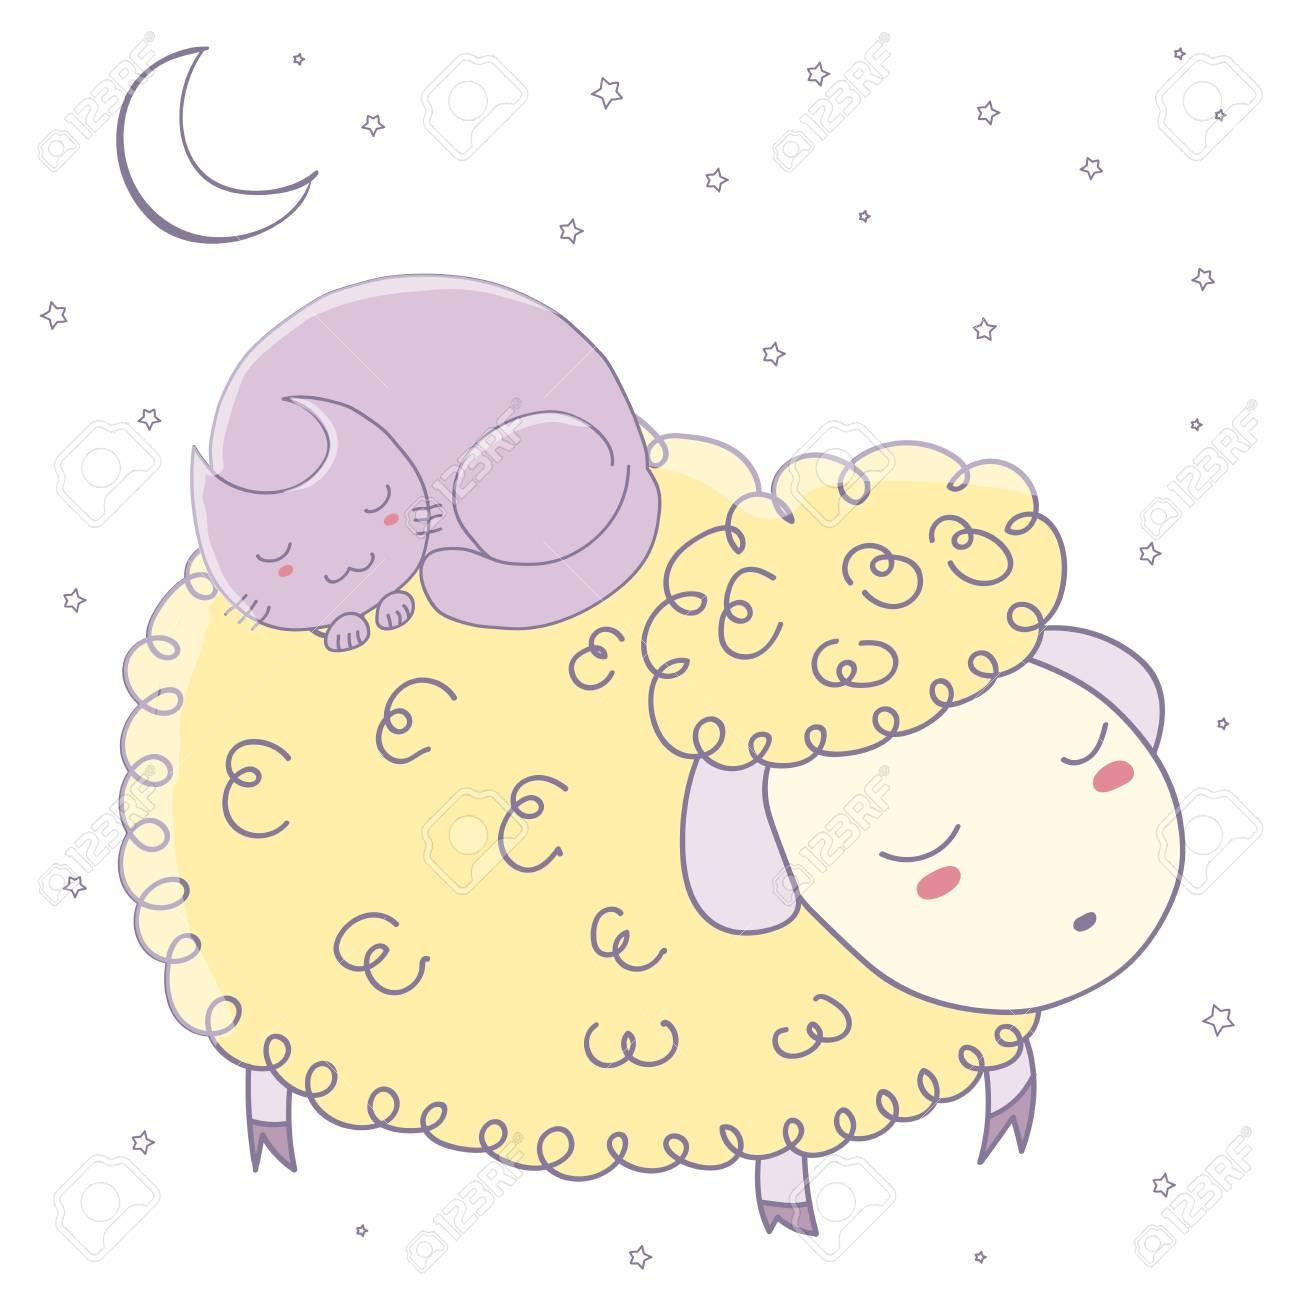 Ilustración De Vector Dibujado A Mano De Ovejas Lindas Durmiendo Y Gato  Acurrucado Con Luna Y Estrellas. Objetos Aislados Sobre Fondo Blanco. 073b9a3cffa70